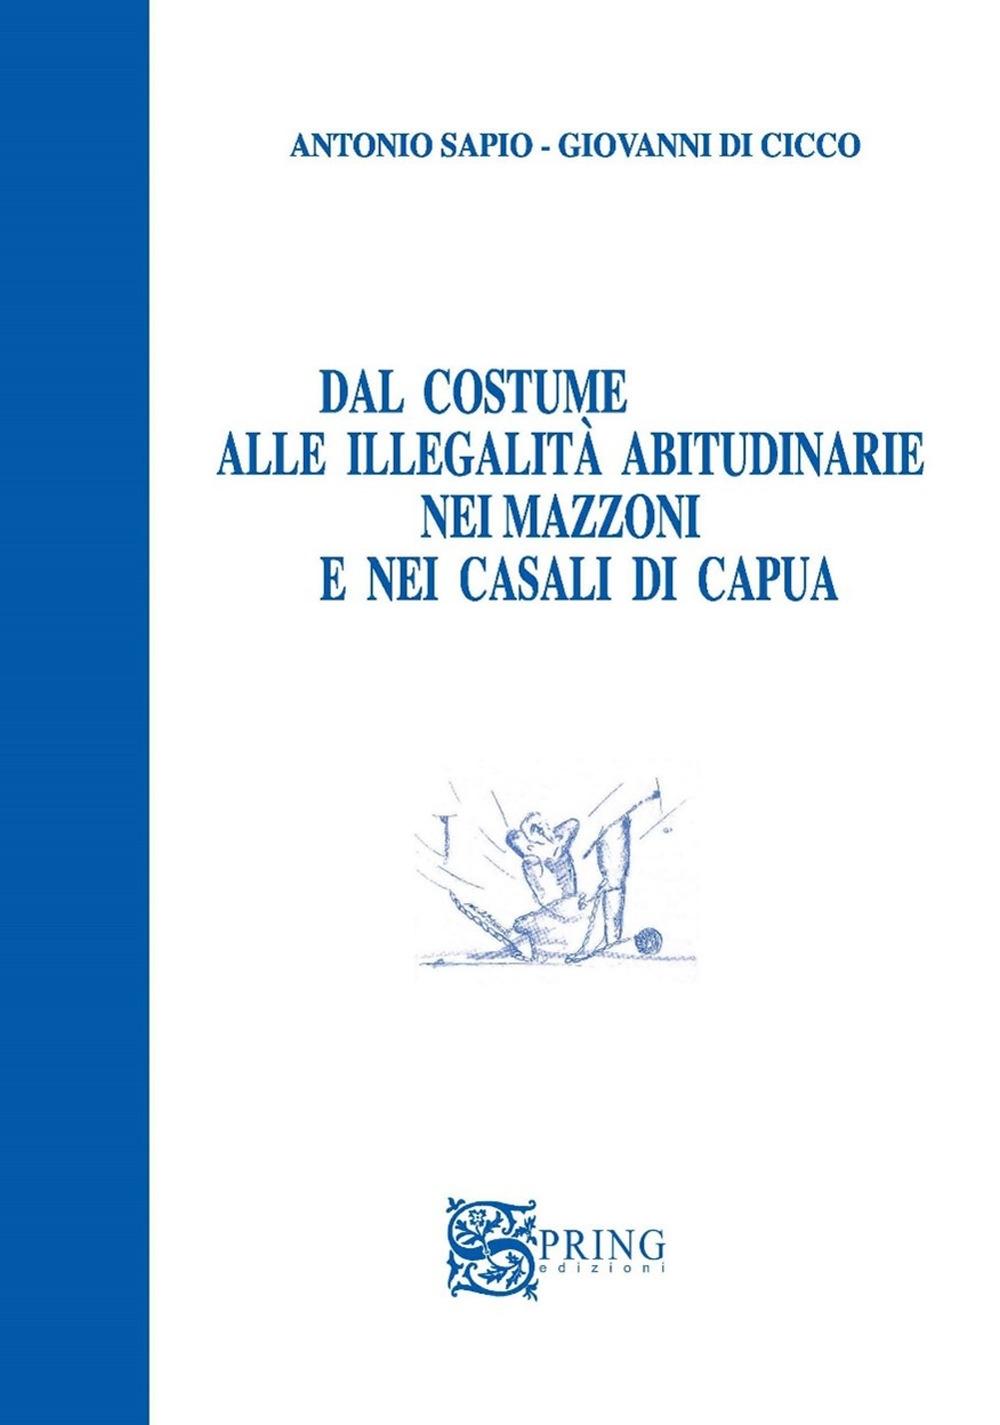 Dal costume alle illegalità abitudinarie nei mazzoni e nei casali di Capua